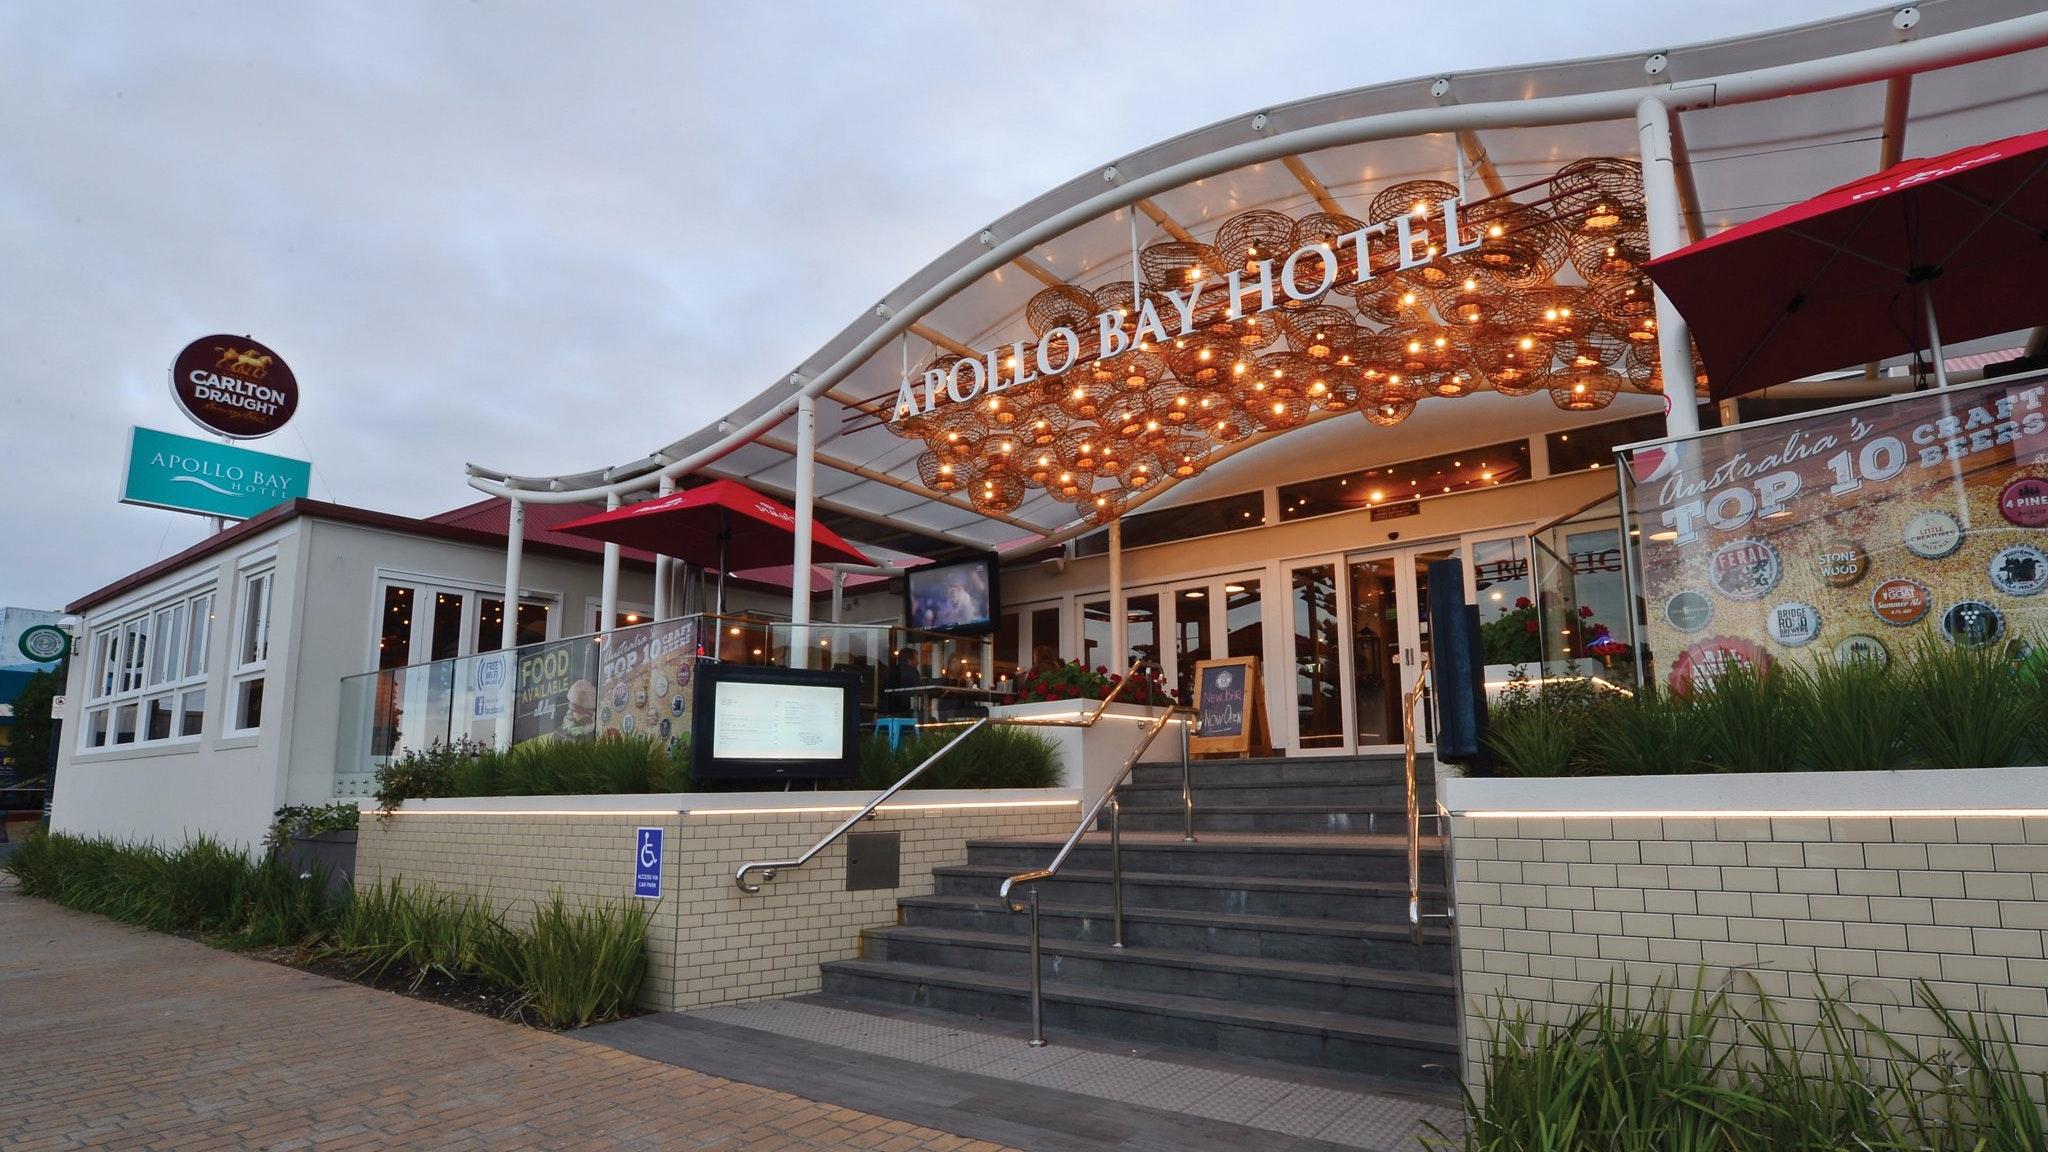 Apollo Bay Hotel - Exterior